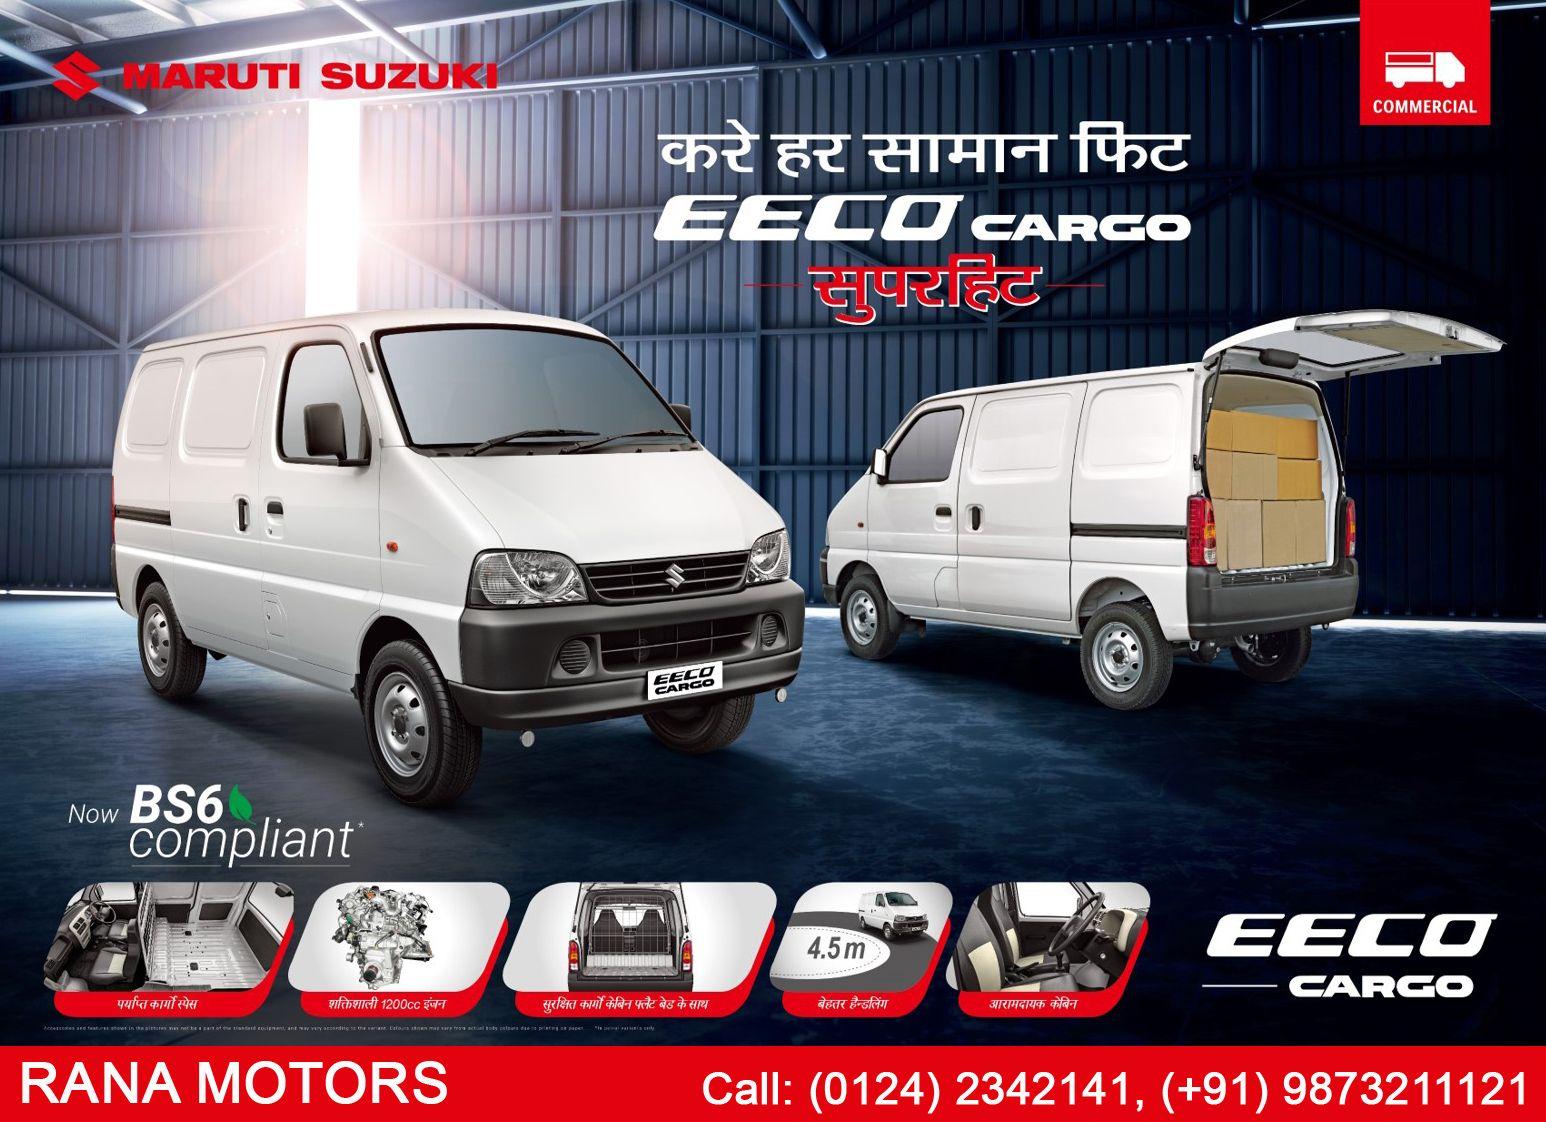 Maruti Suzuki Eeco Cargo In 2020 Cargo Vans For Sale Suzuki Van For Sale